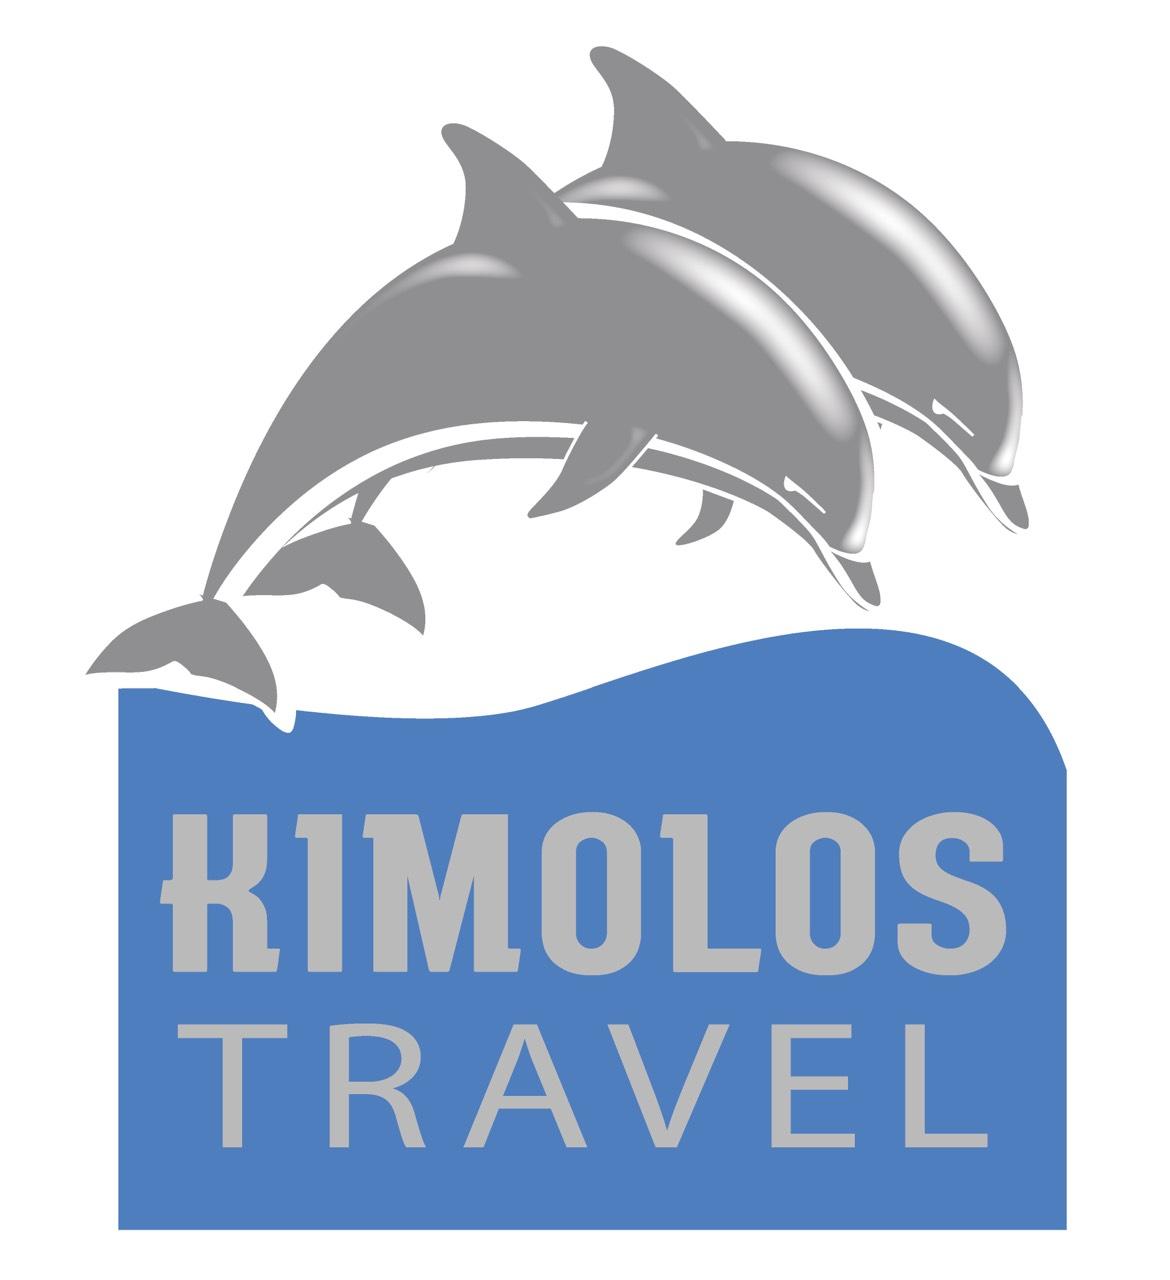 kimolos travel